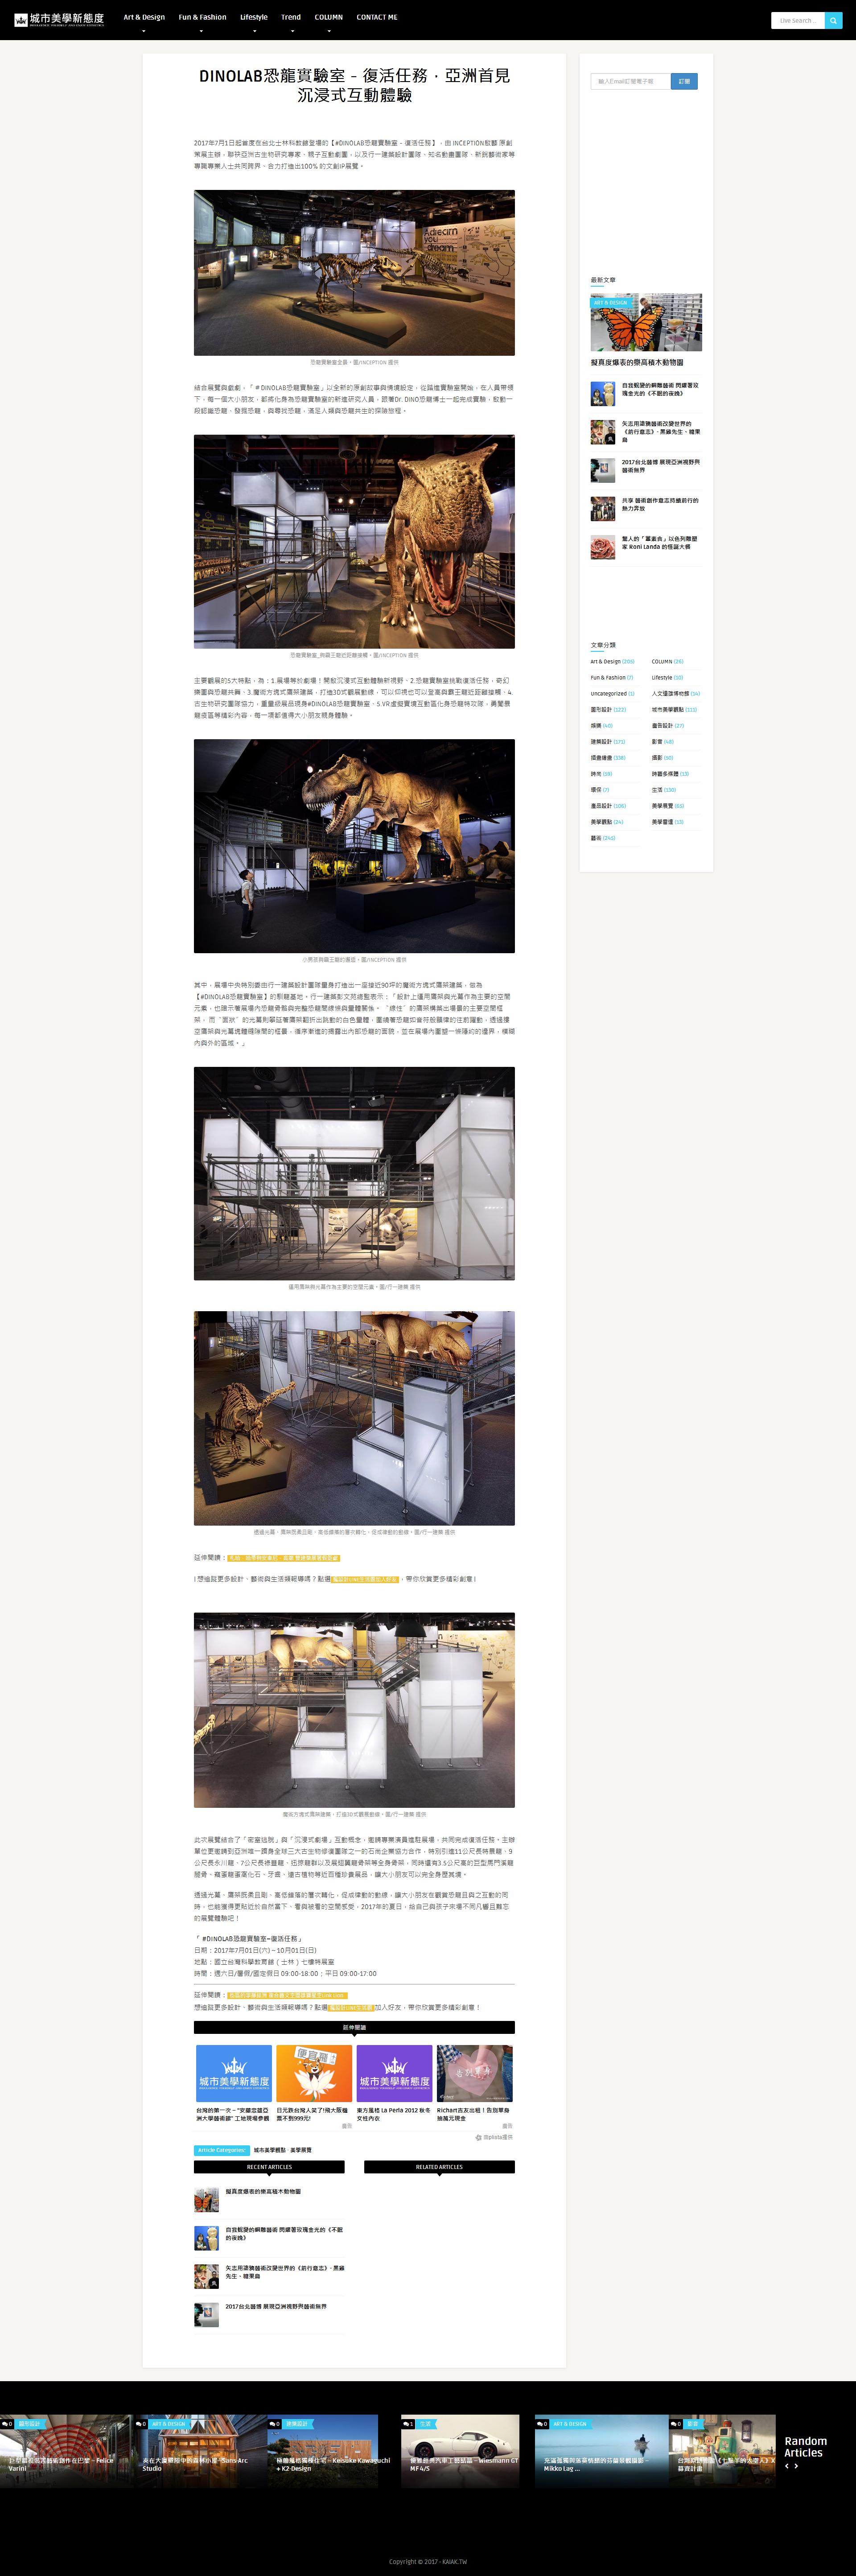 DINOLAB恐龍實驗室-復活任務,亞洲首見沉浸式互動體驗 - 城市美學新態度.png